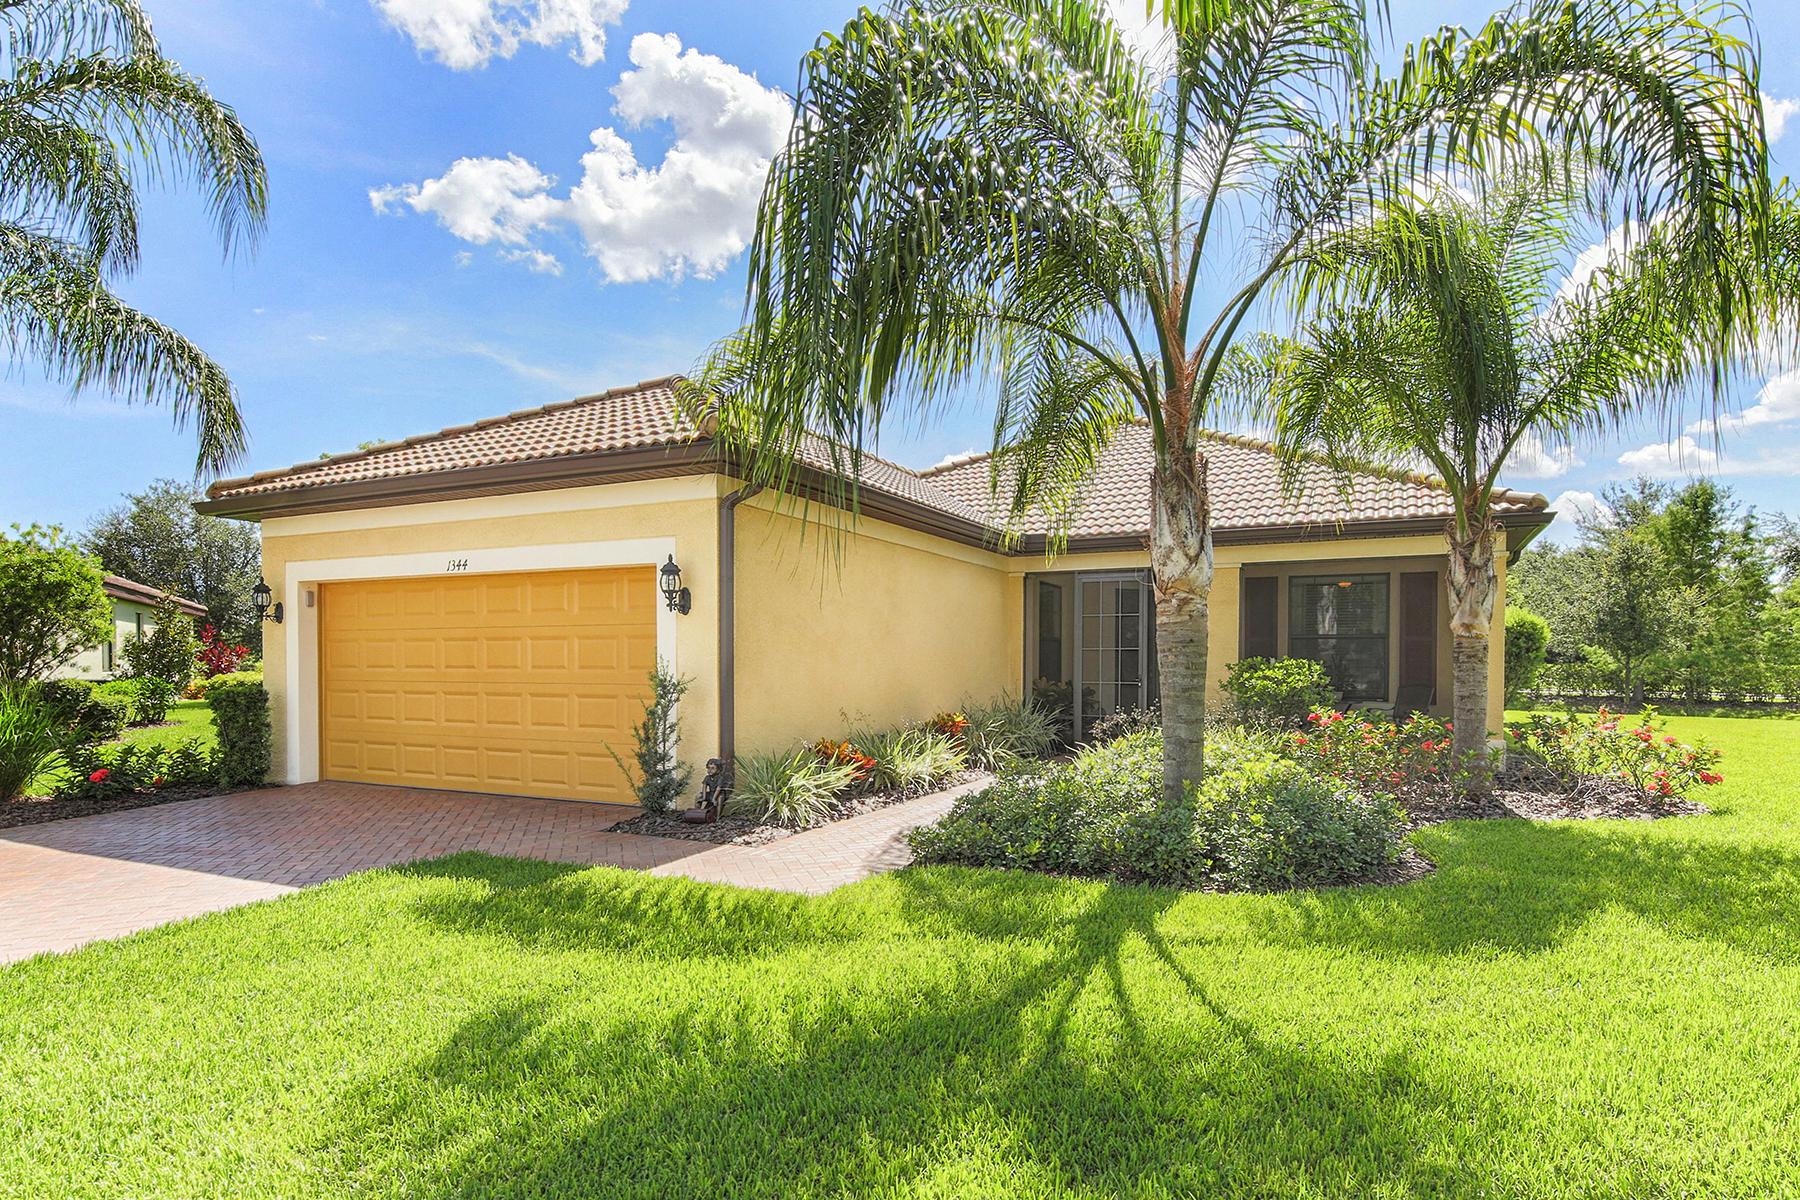 Maison unifamiliale pour l Vente à CYPRESS FALLS 1344 Kelp Ct North Port, Florida, 34289 États-Unis